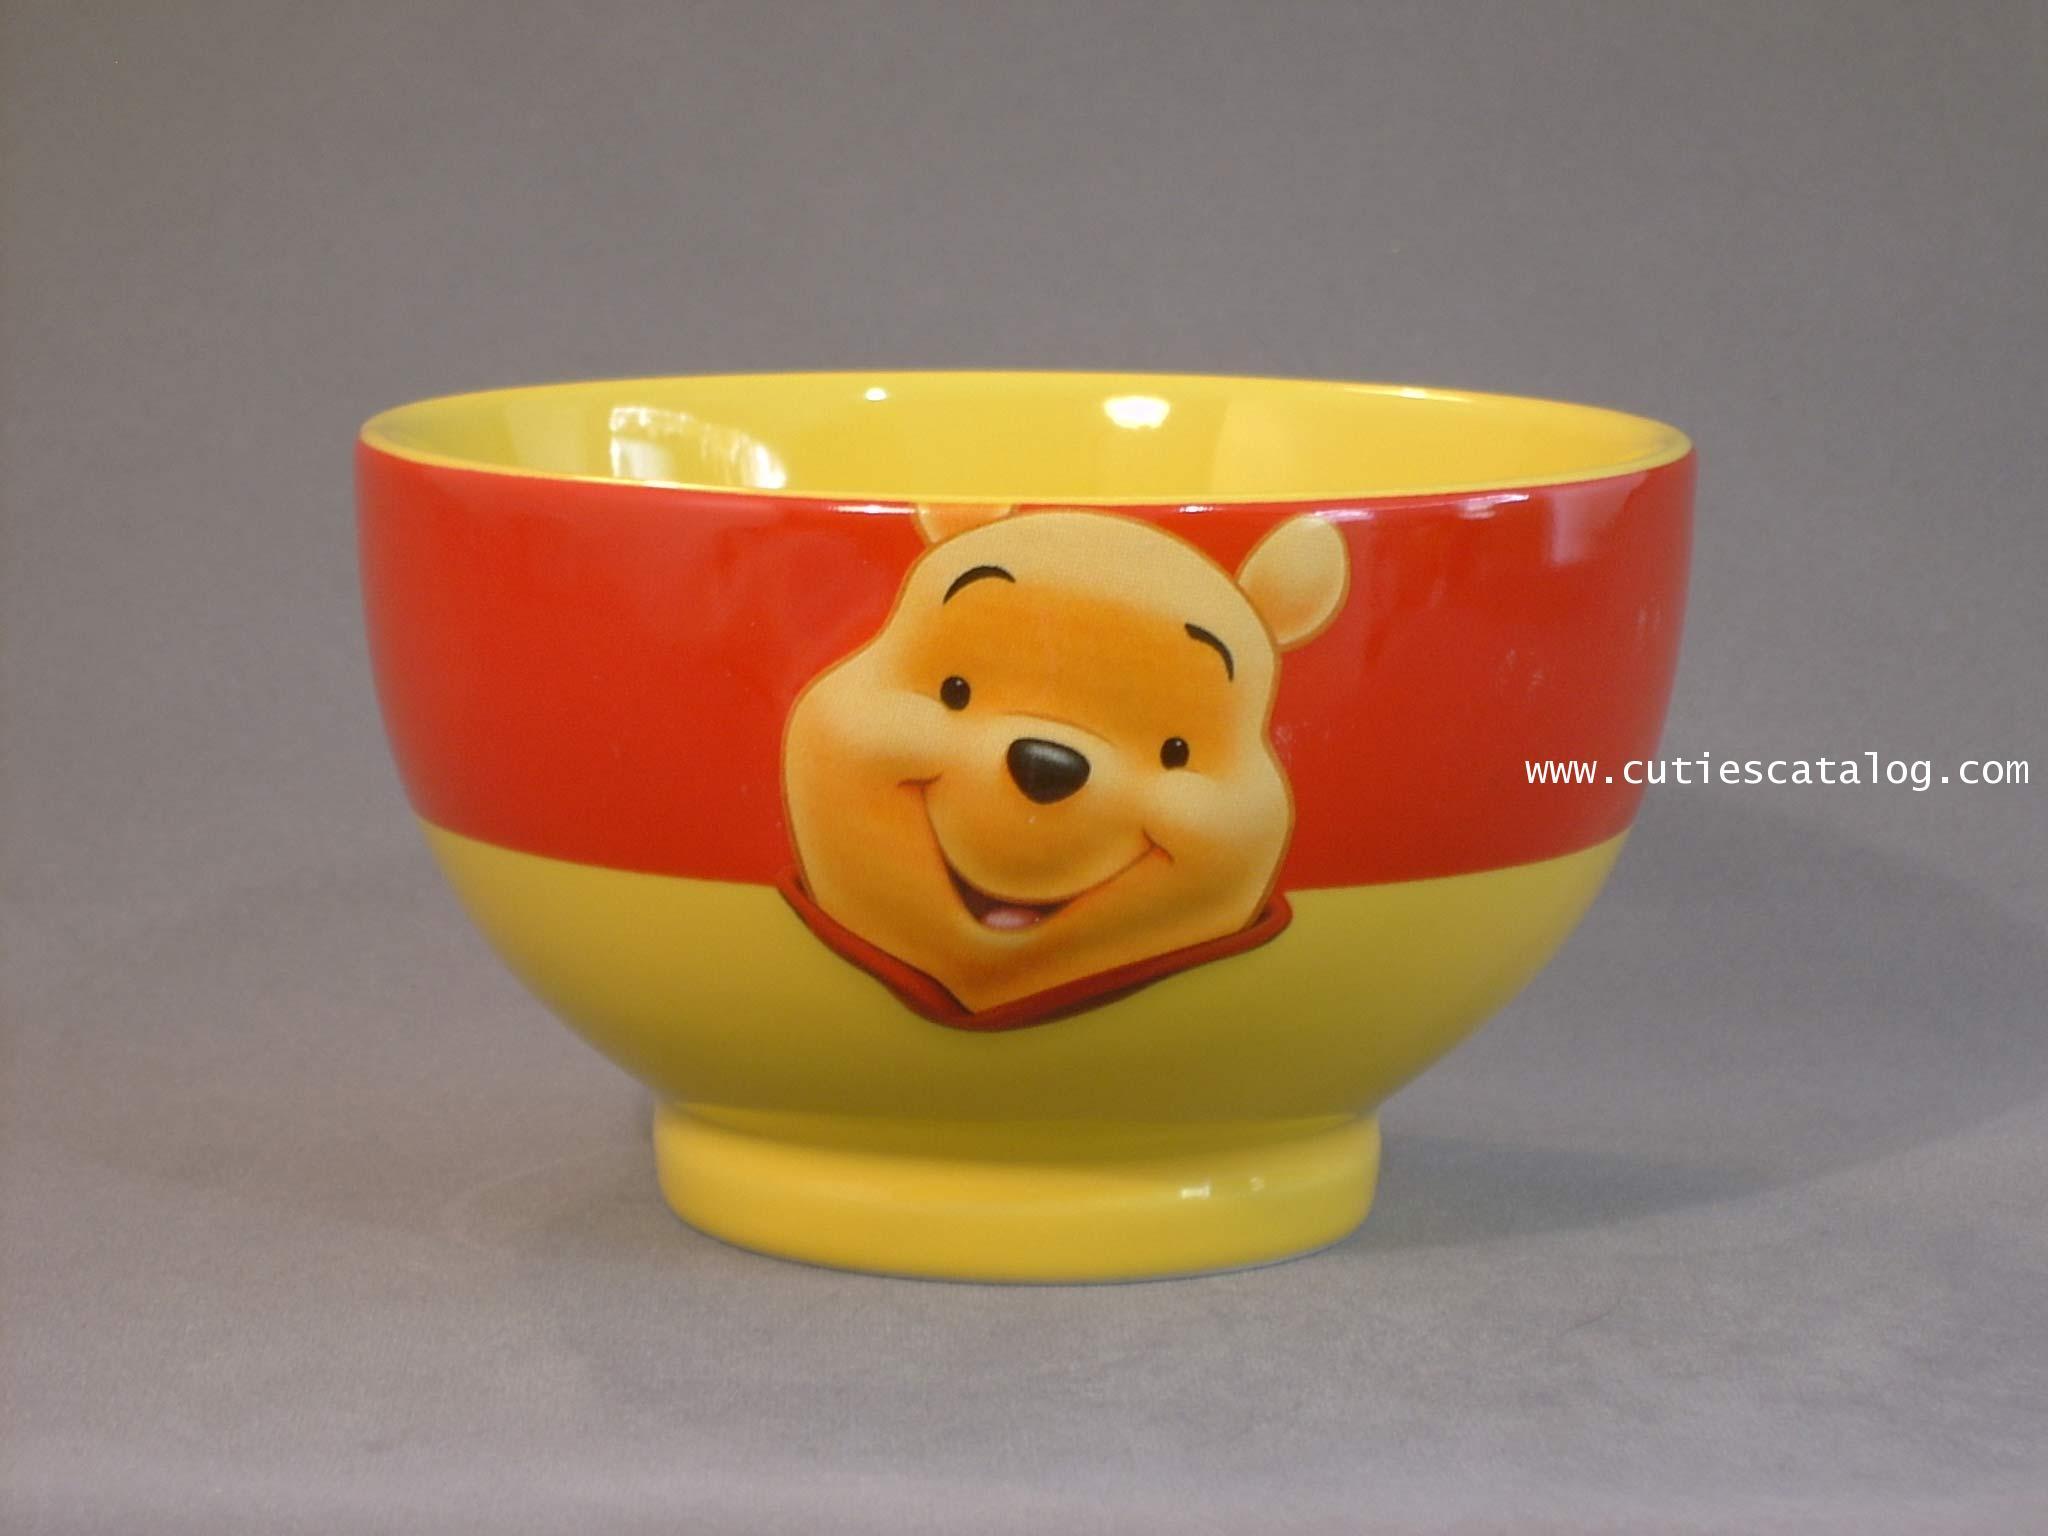 ชามดิสนีย์ ชุดลายหน้าใหญ่ ลายหมีพูห์(pooh face bowl)